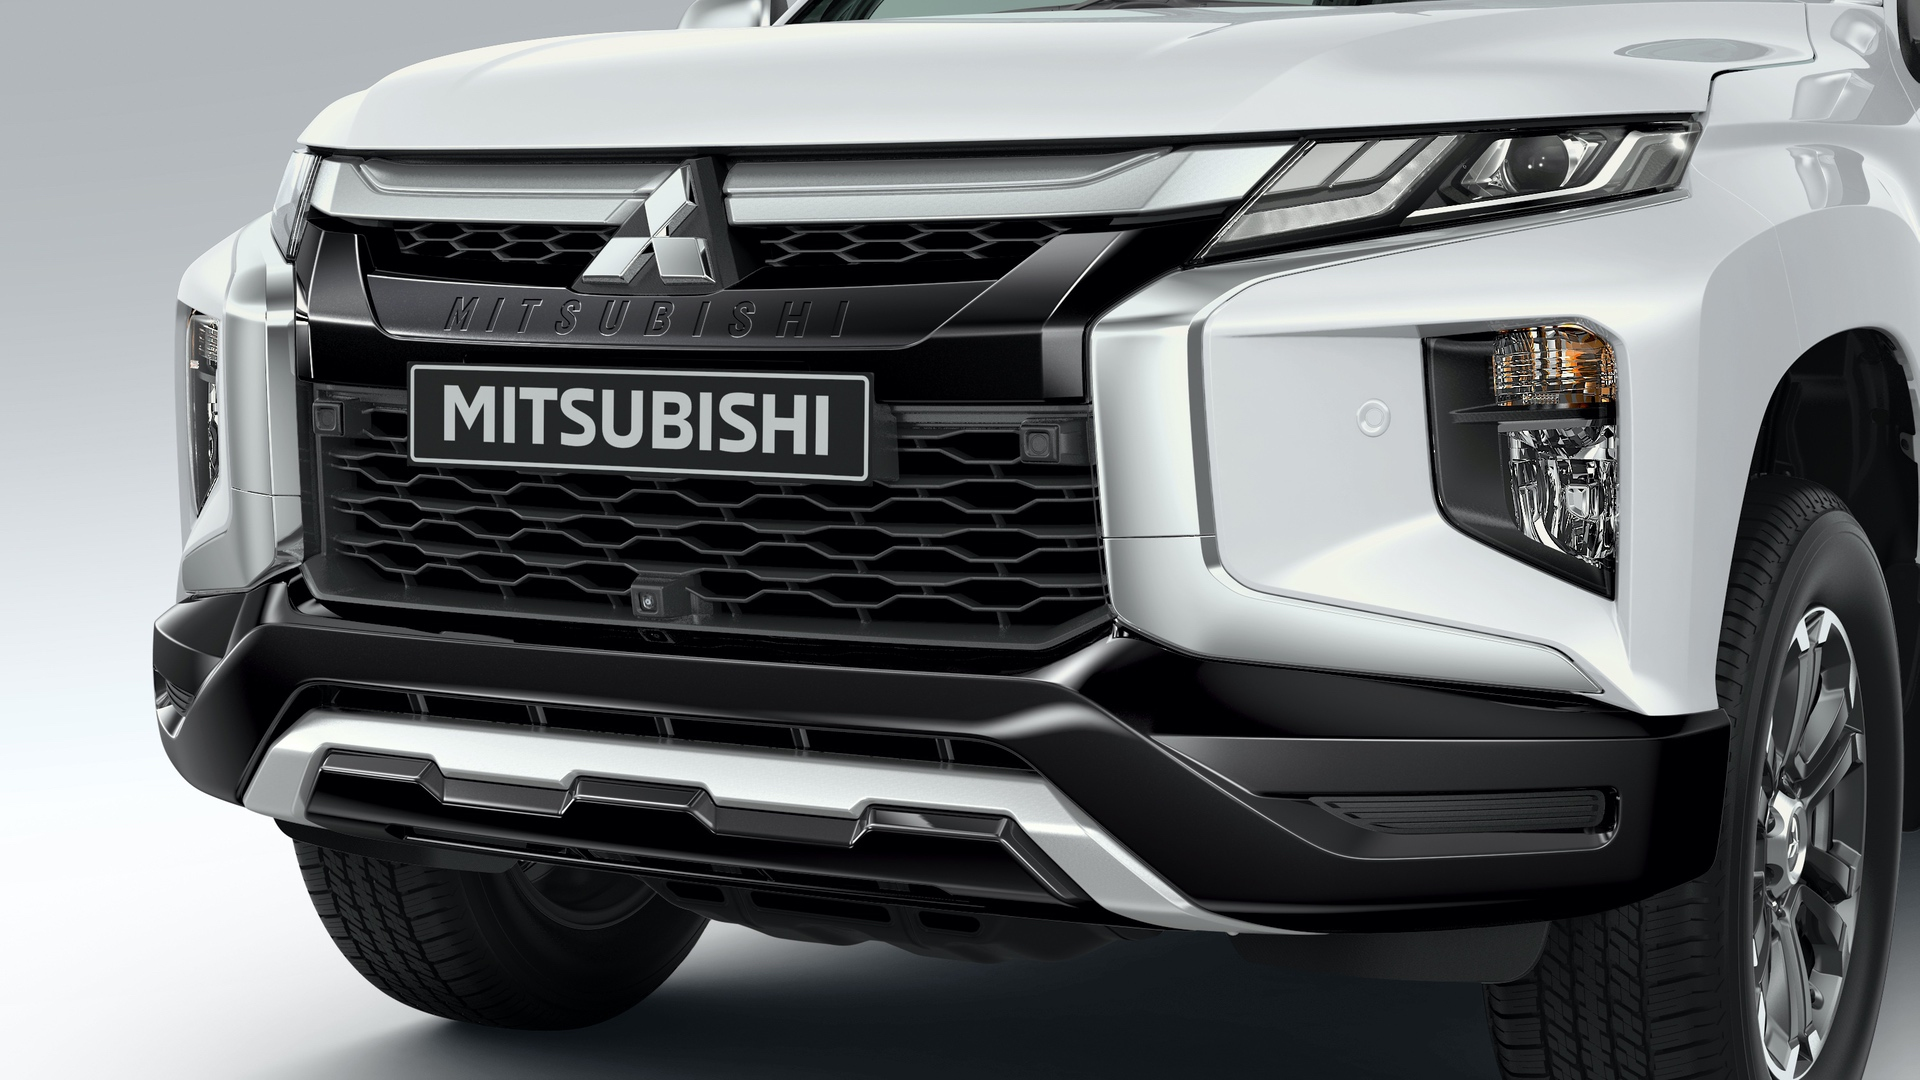 2019_Mitsubishi_L200_0057